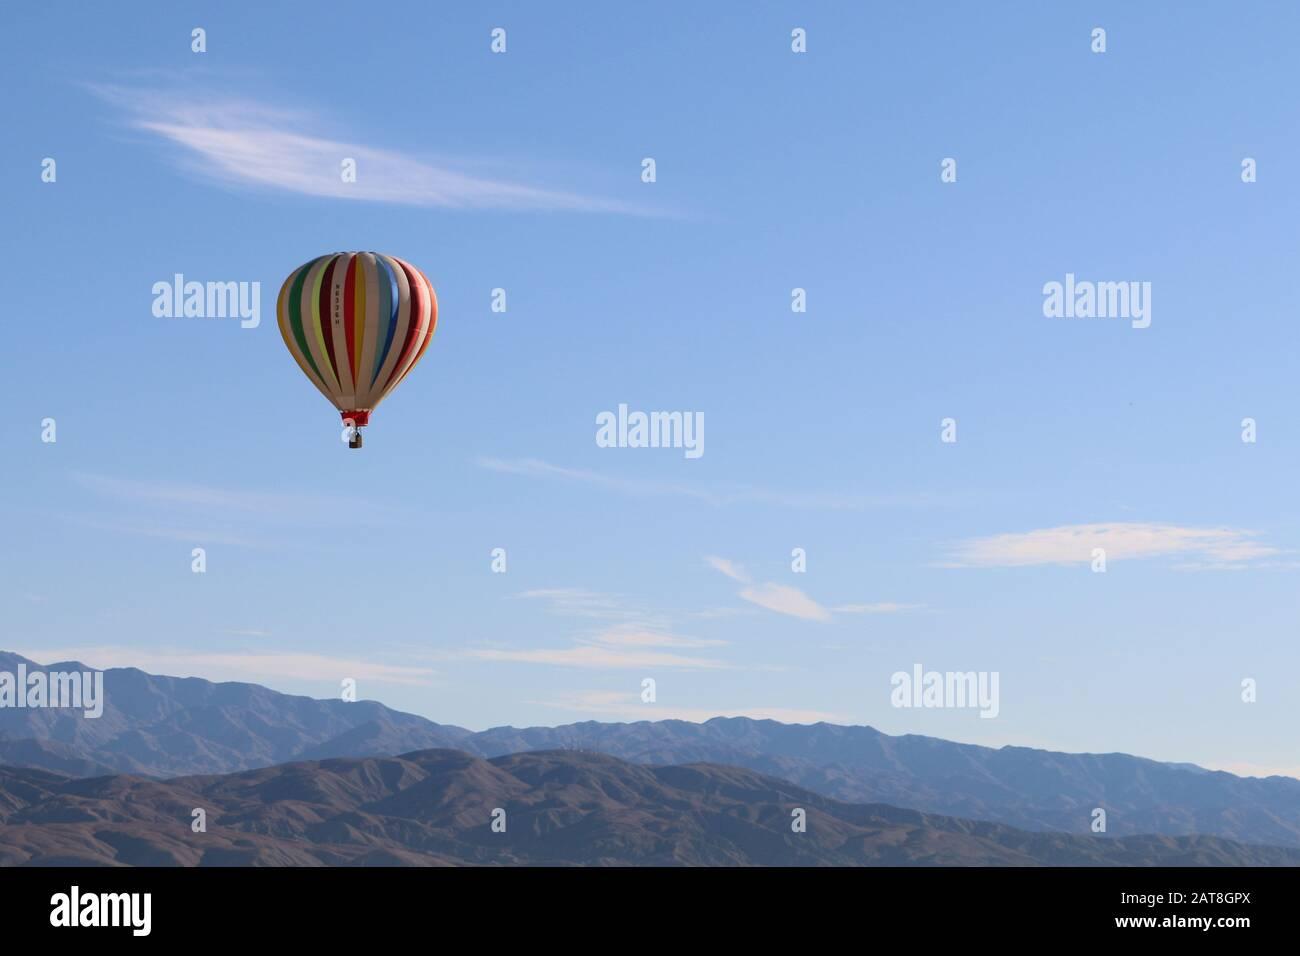 a hot air balloon sky over mountains and desert Stock Photo